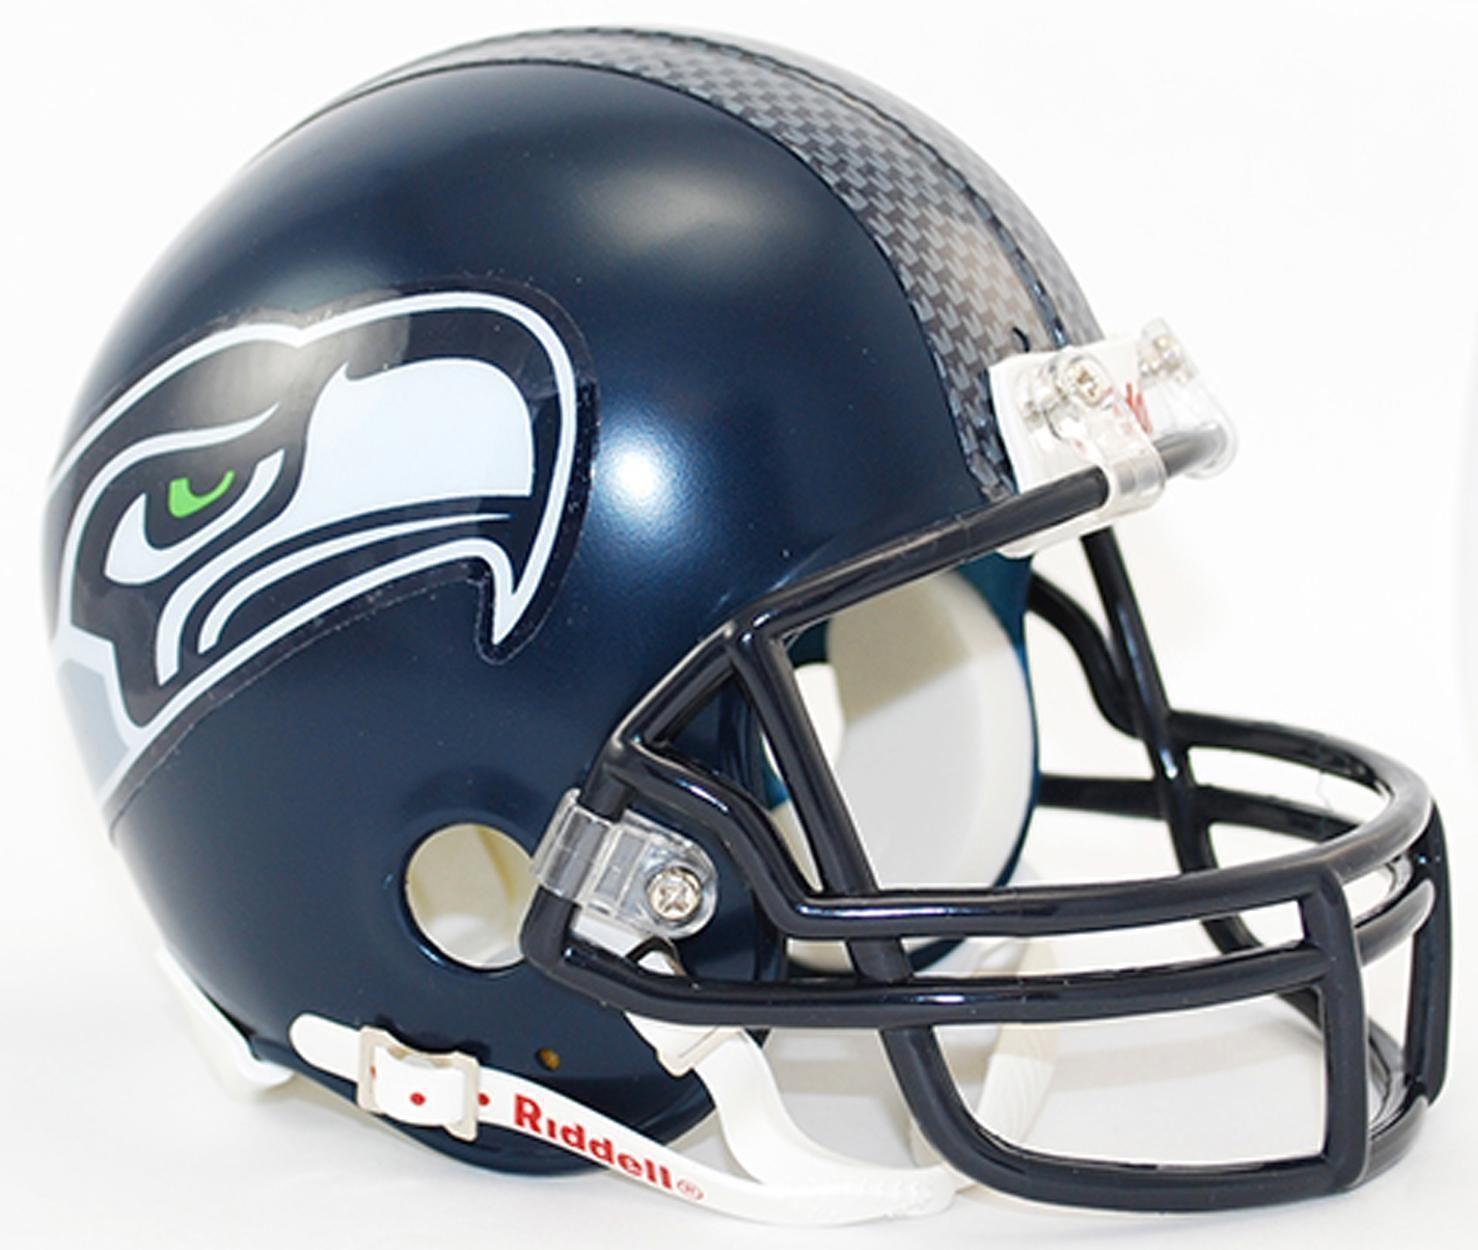 Nfl seattle seahawks nfl mini replica helmet mini